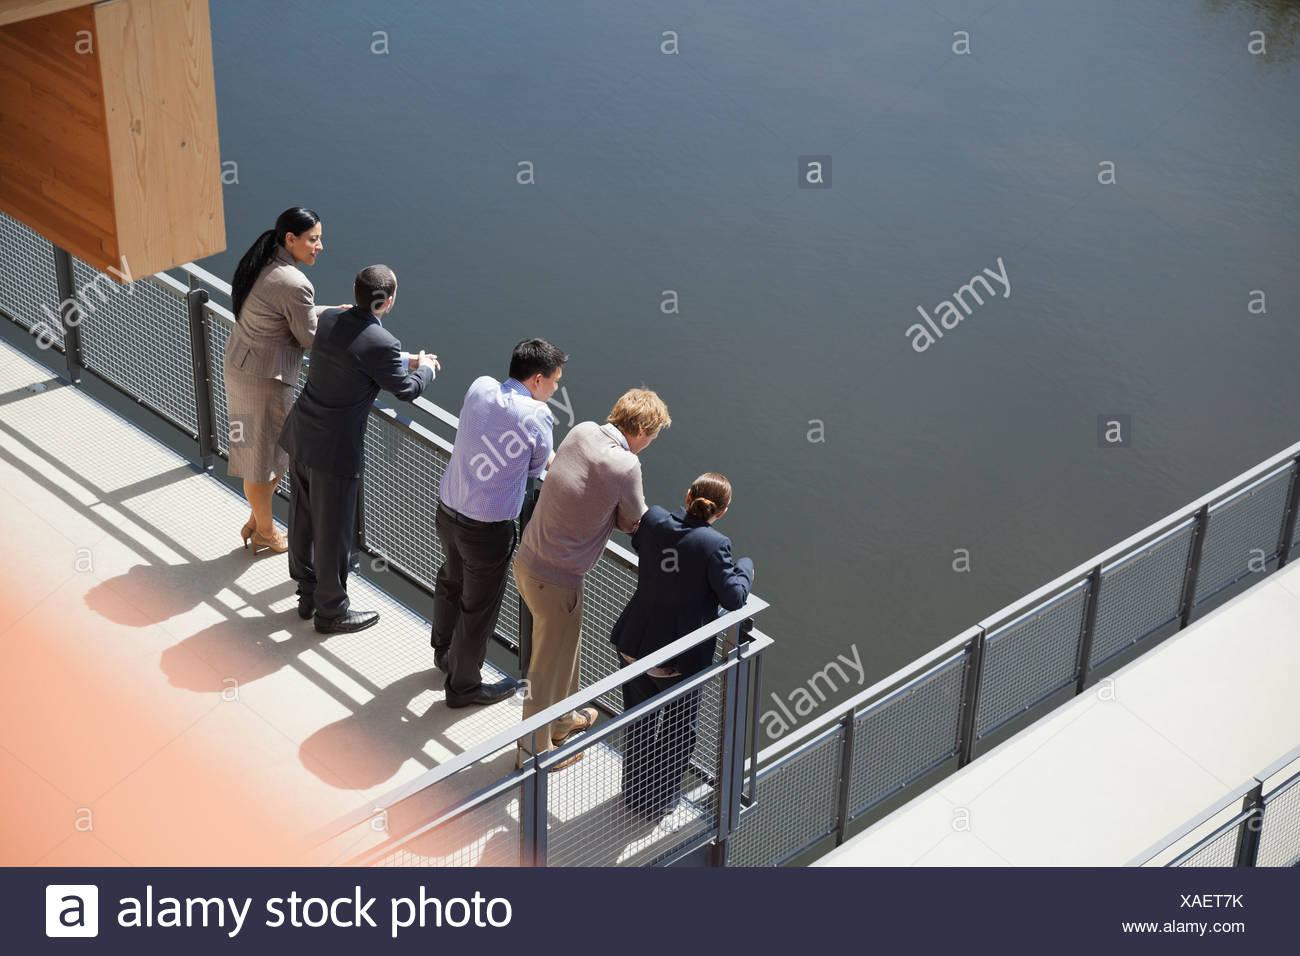 Les gens debout dans une ligne sur balcon Photo Stock